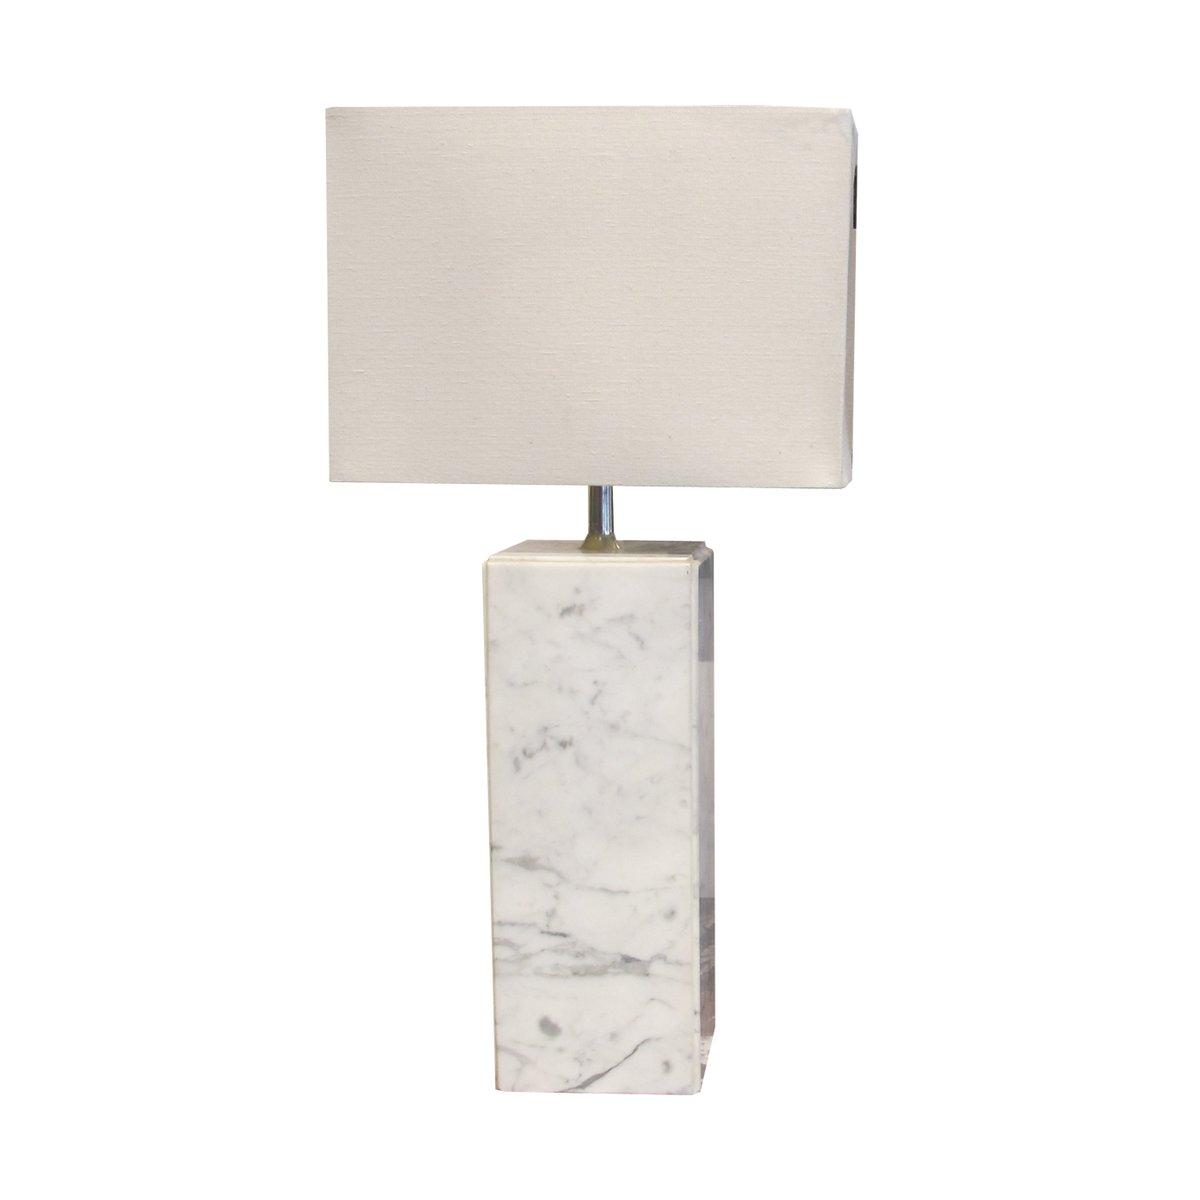 Italienische Mid-Century Tischlampen aus weißem Marmor, 2er Set